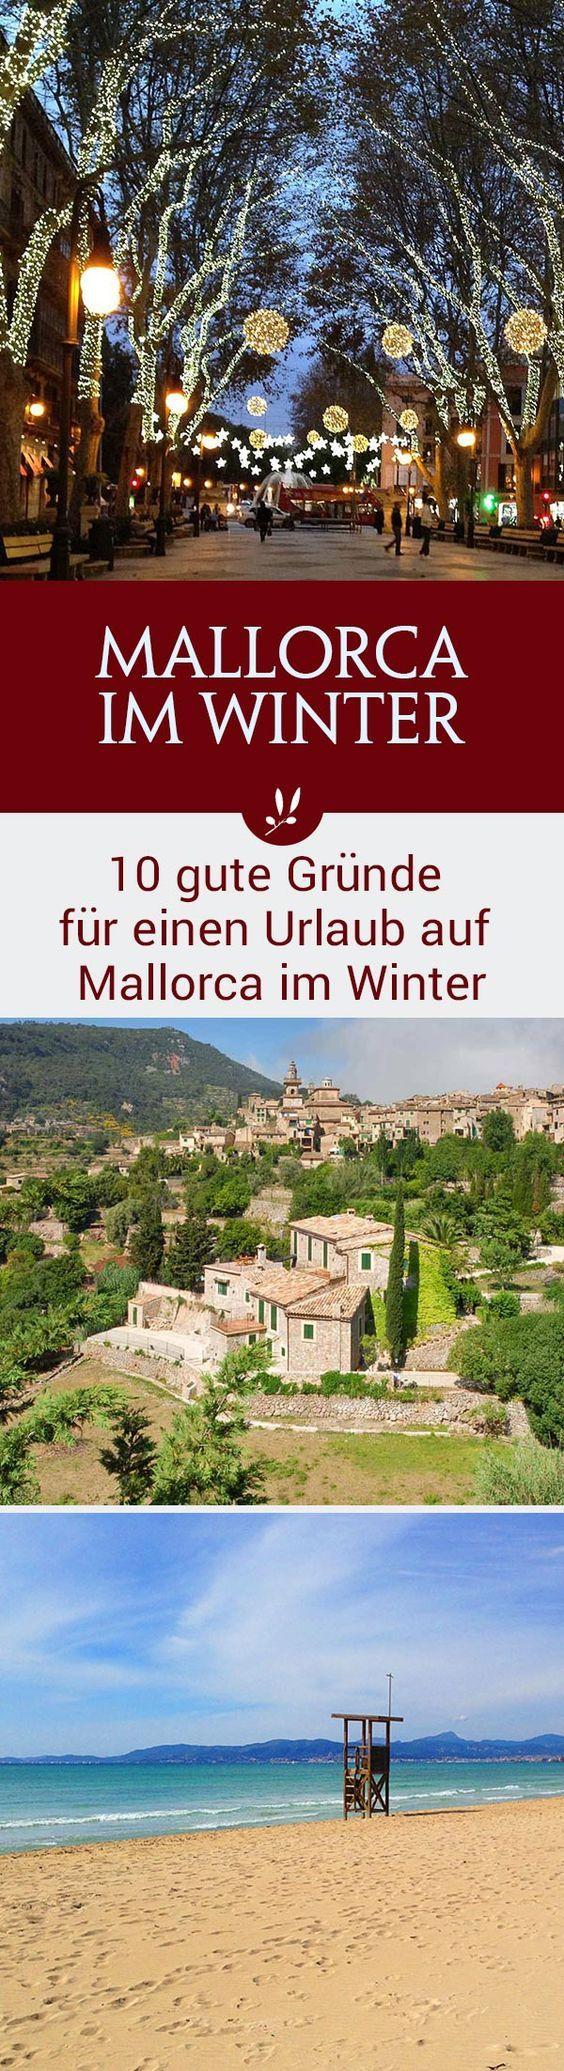 10 Gründe für einen Urlaub auf Mallorca im Winter Warum Mallorca auch im Winter ein Top Reiseziel ist, erfahrt ihr hier.